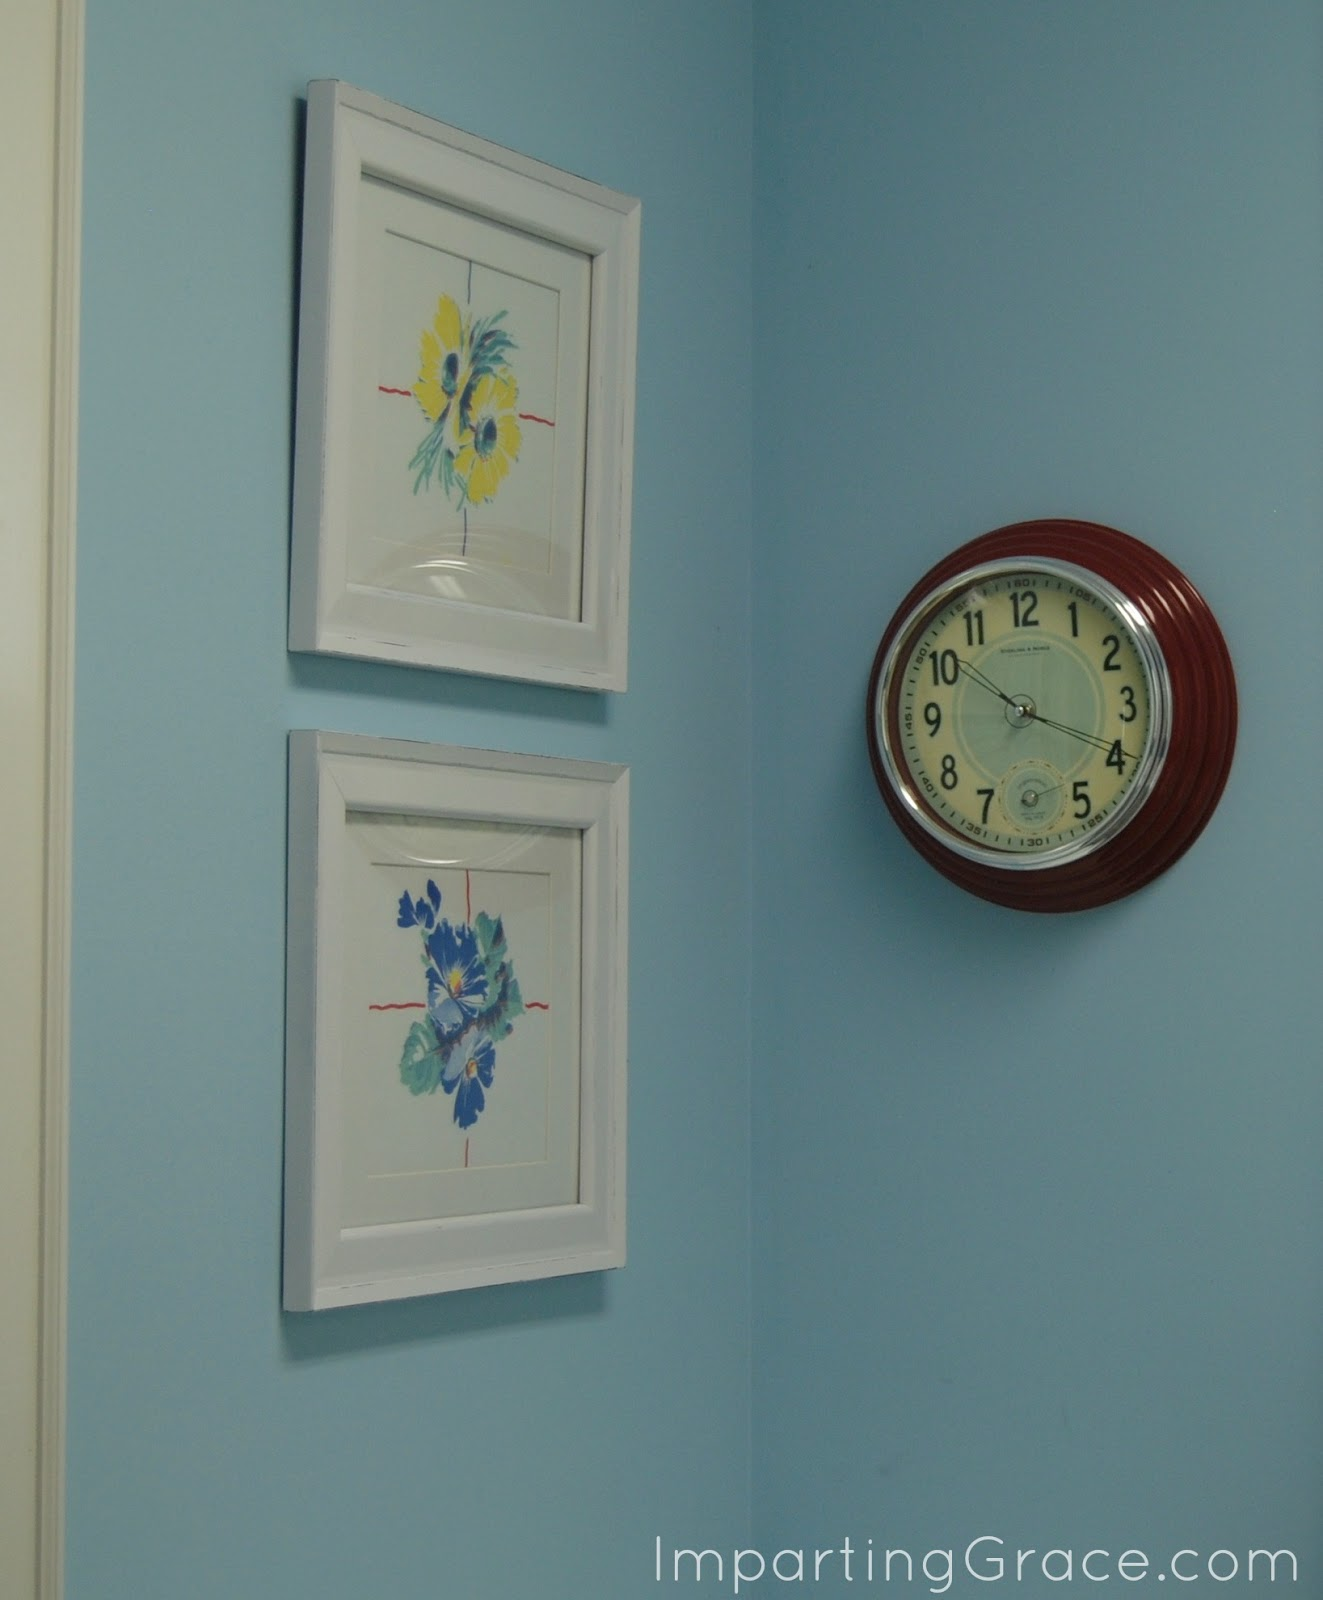 Imparting Grace: DIY Custom Wall Art